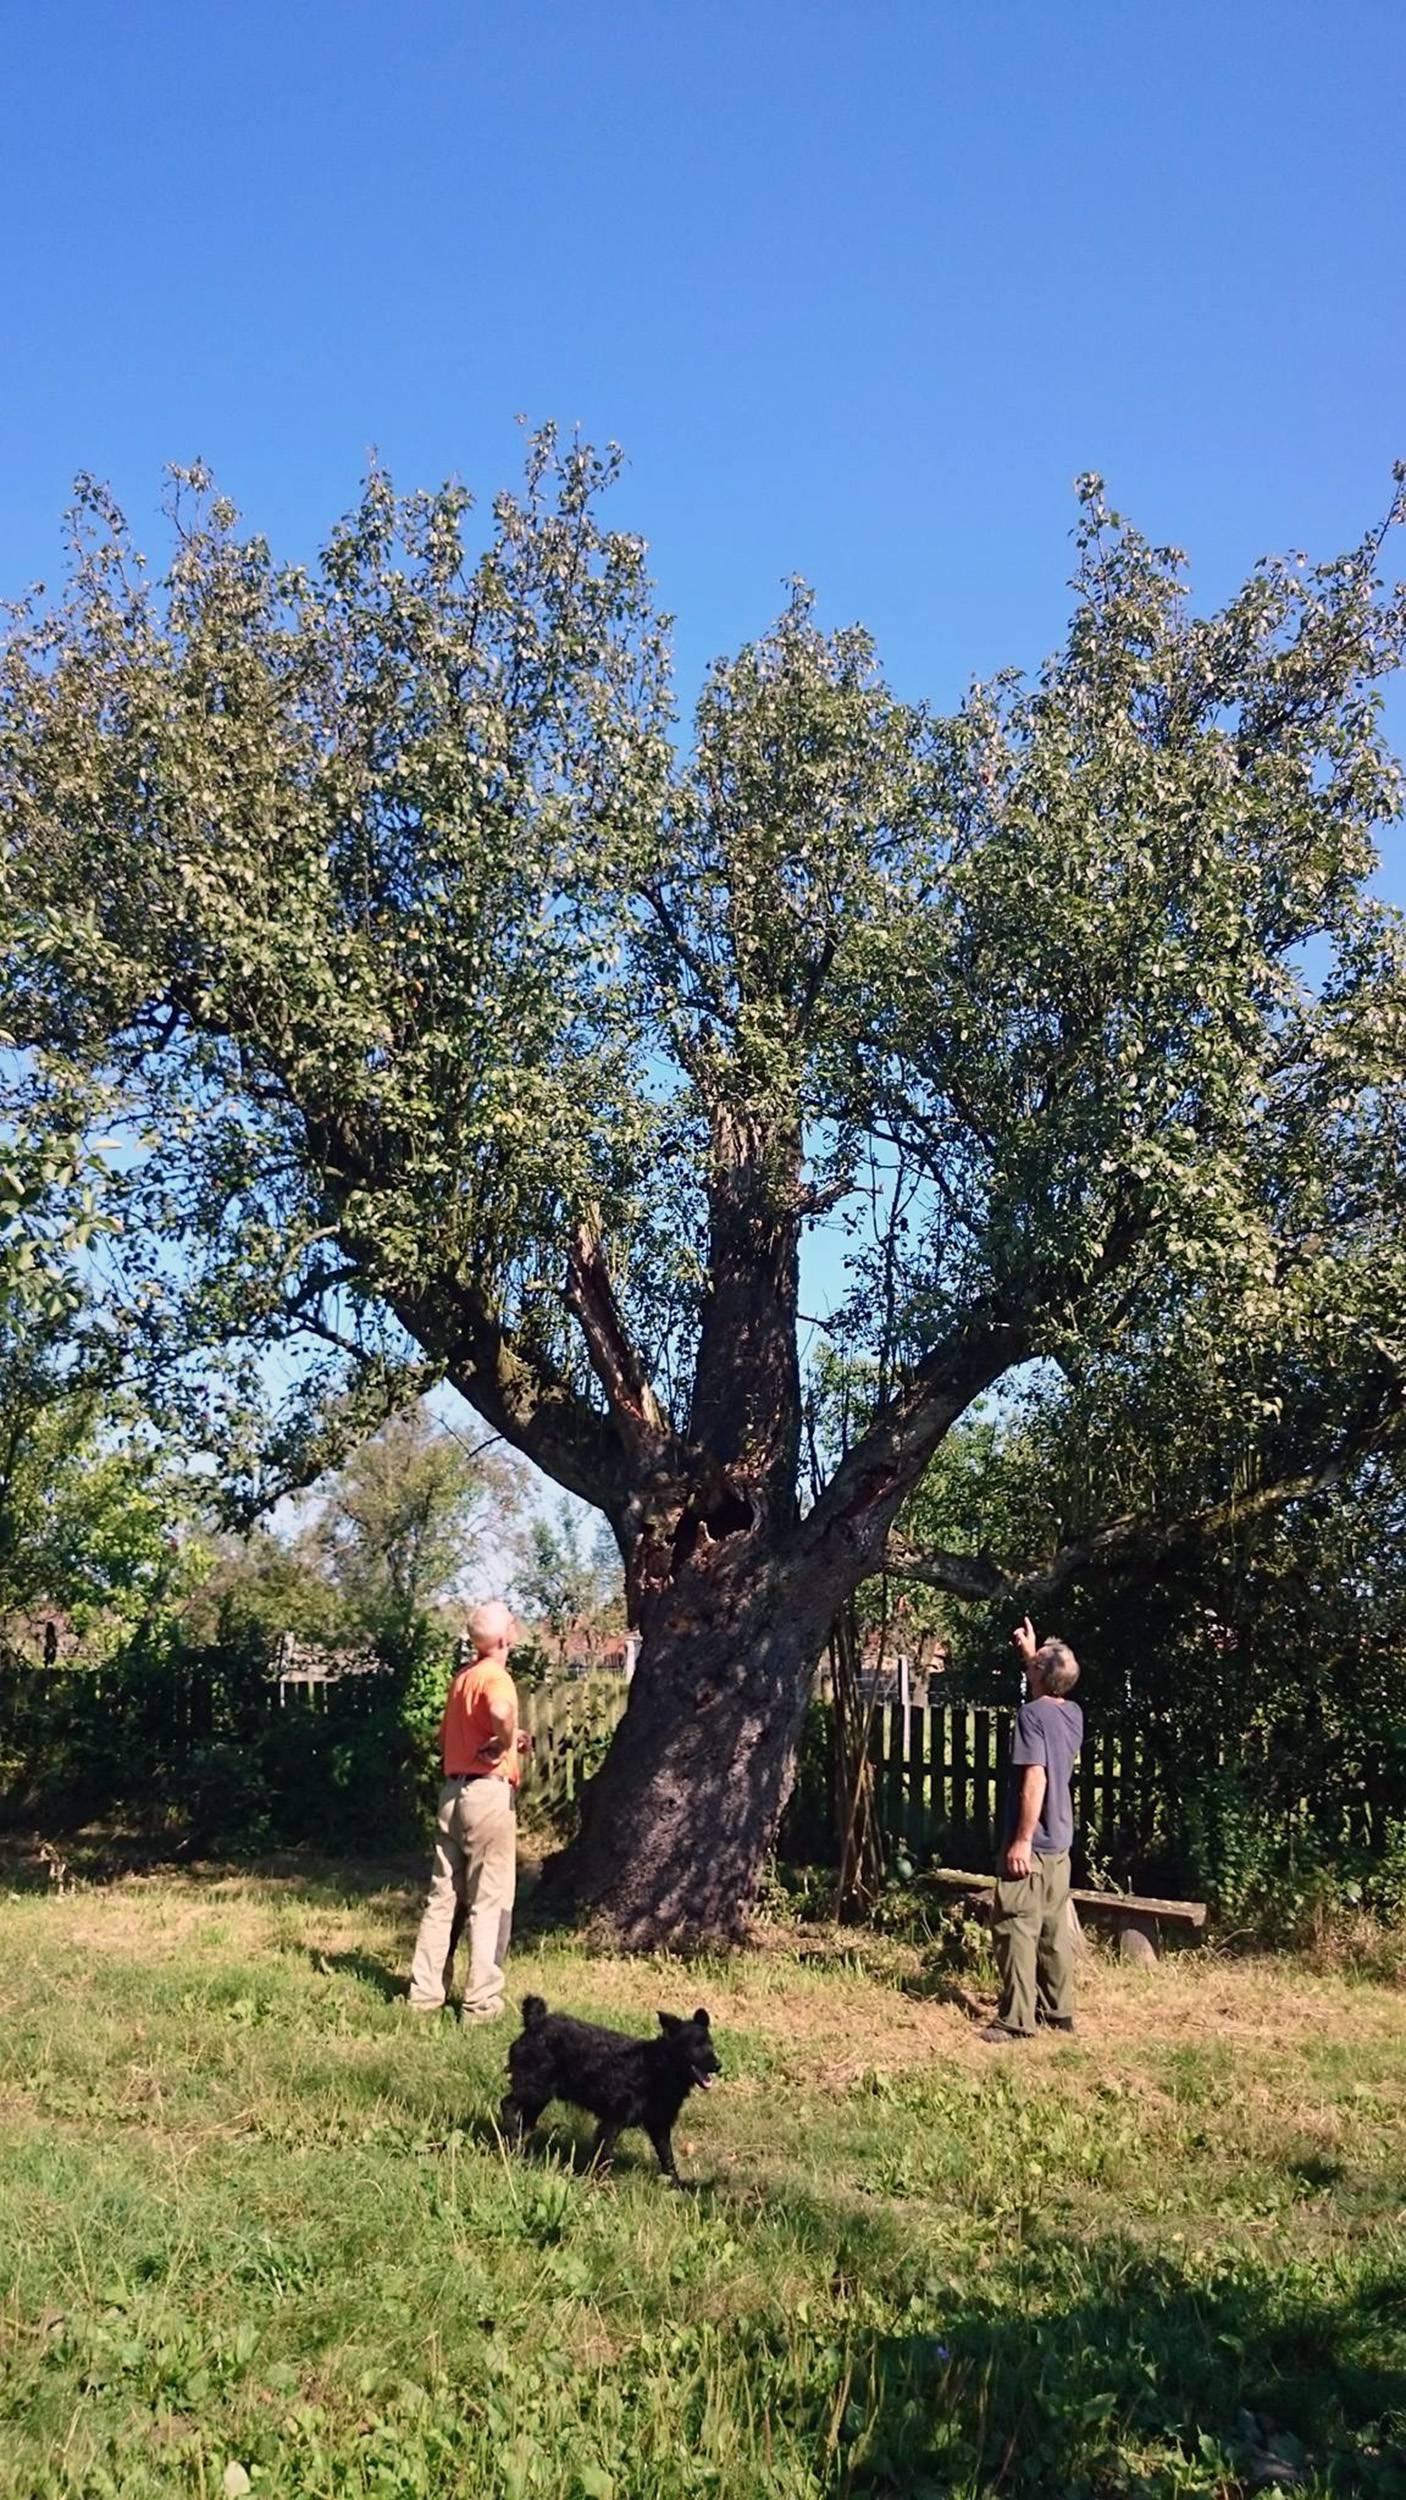 Rekorderka: 'Imamo stablo kruške starije od 400 godina'